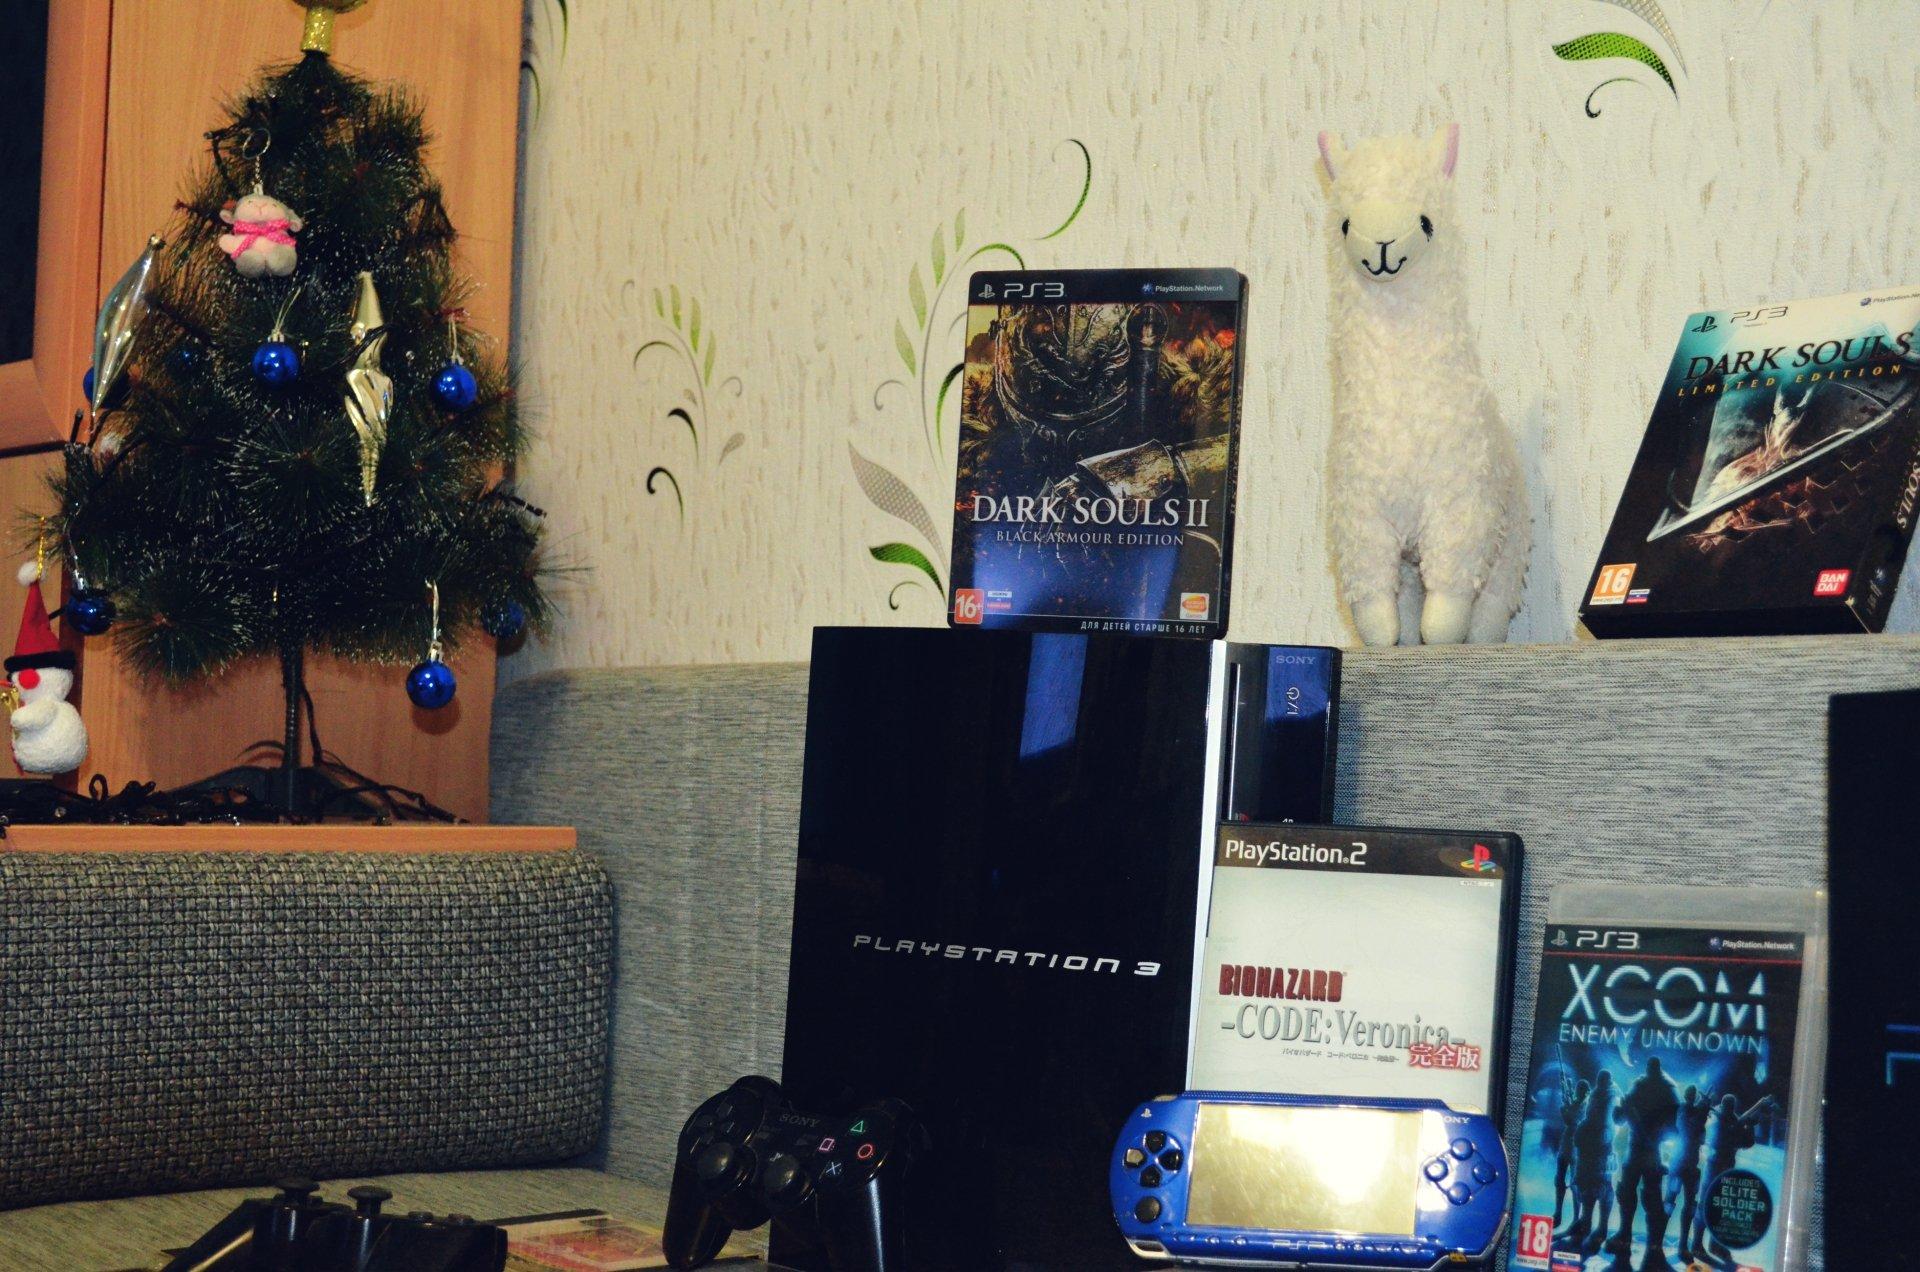 Моя история Playstation (конкурс на юбилейную PS4) - Изображение 4